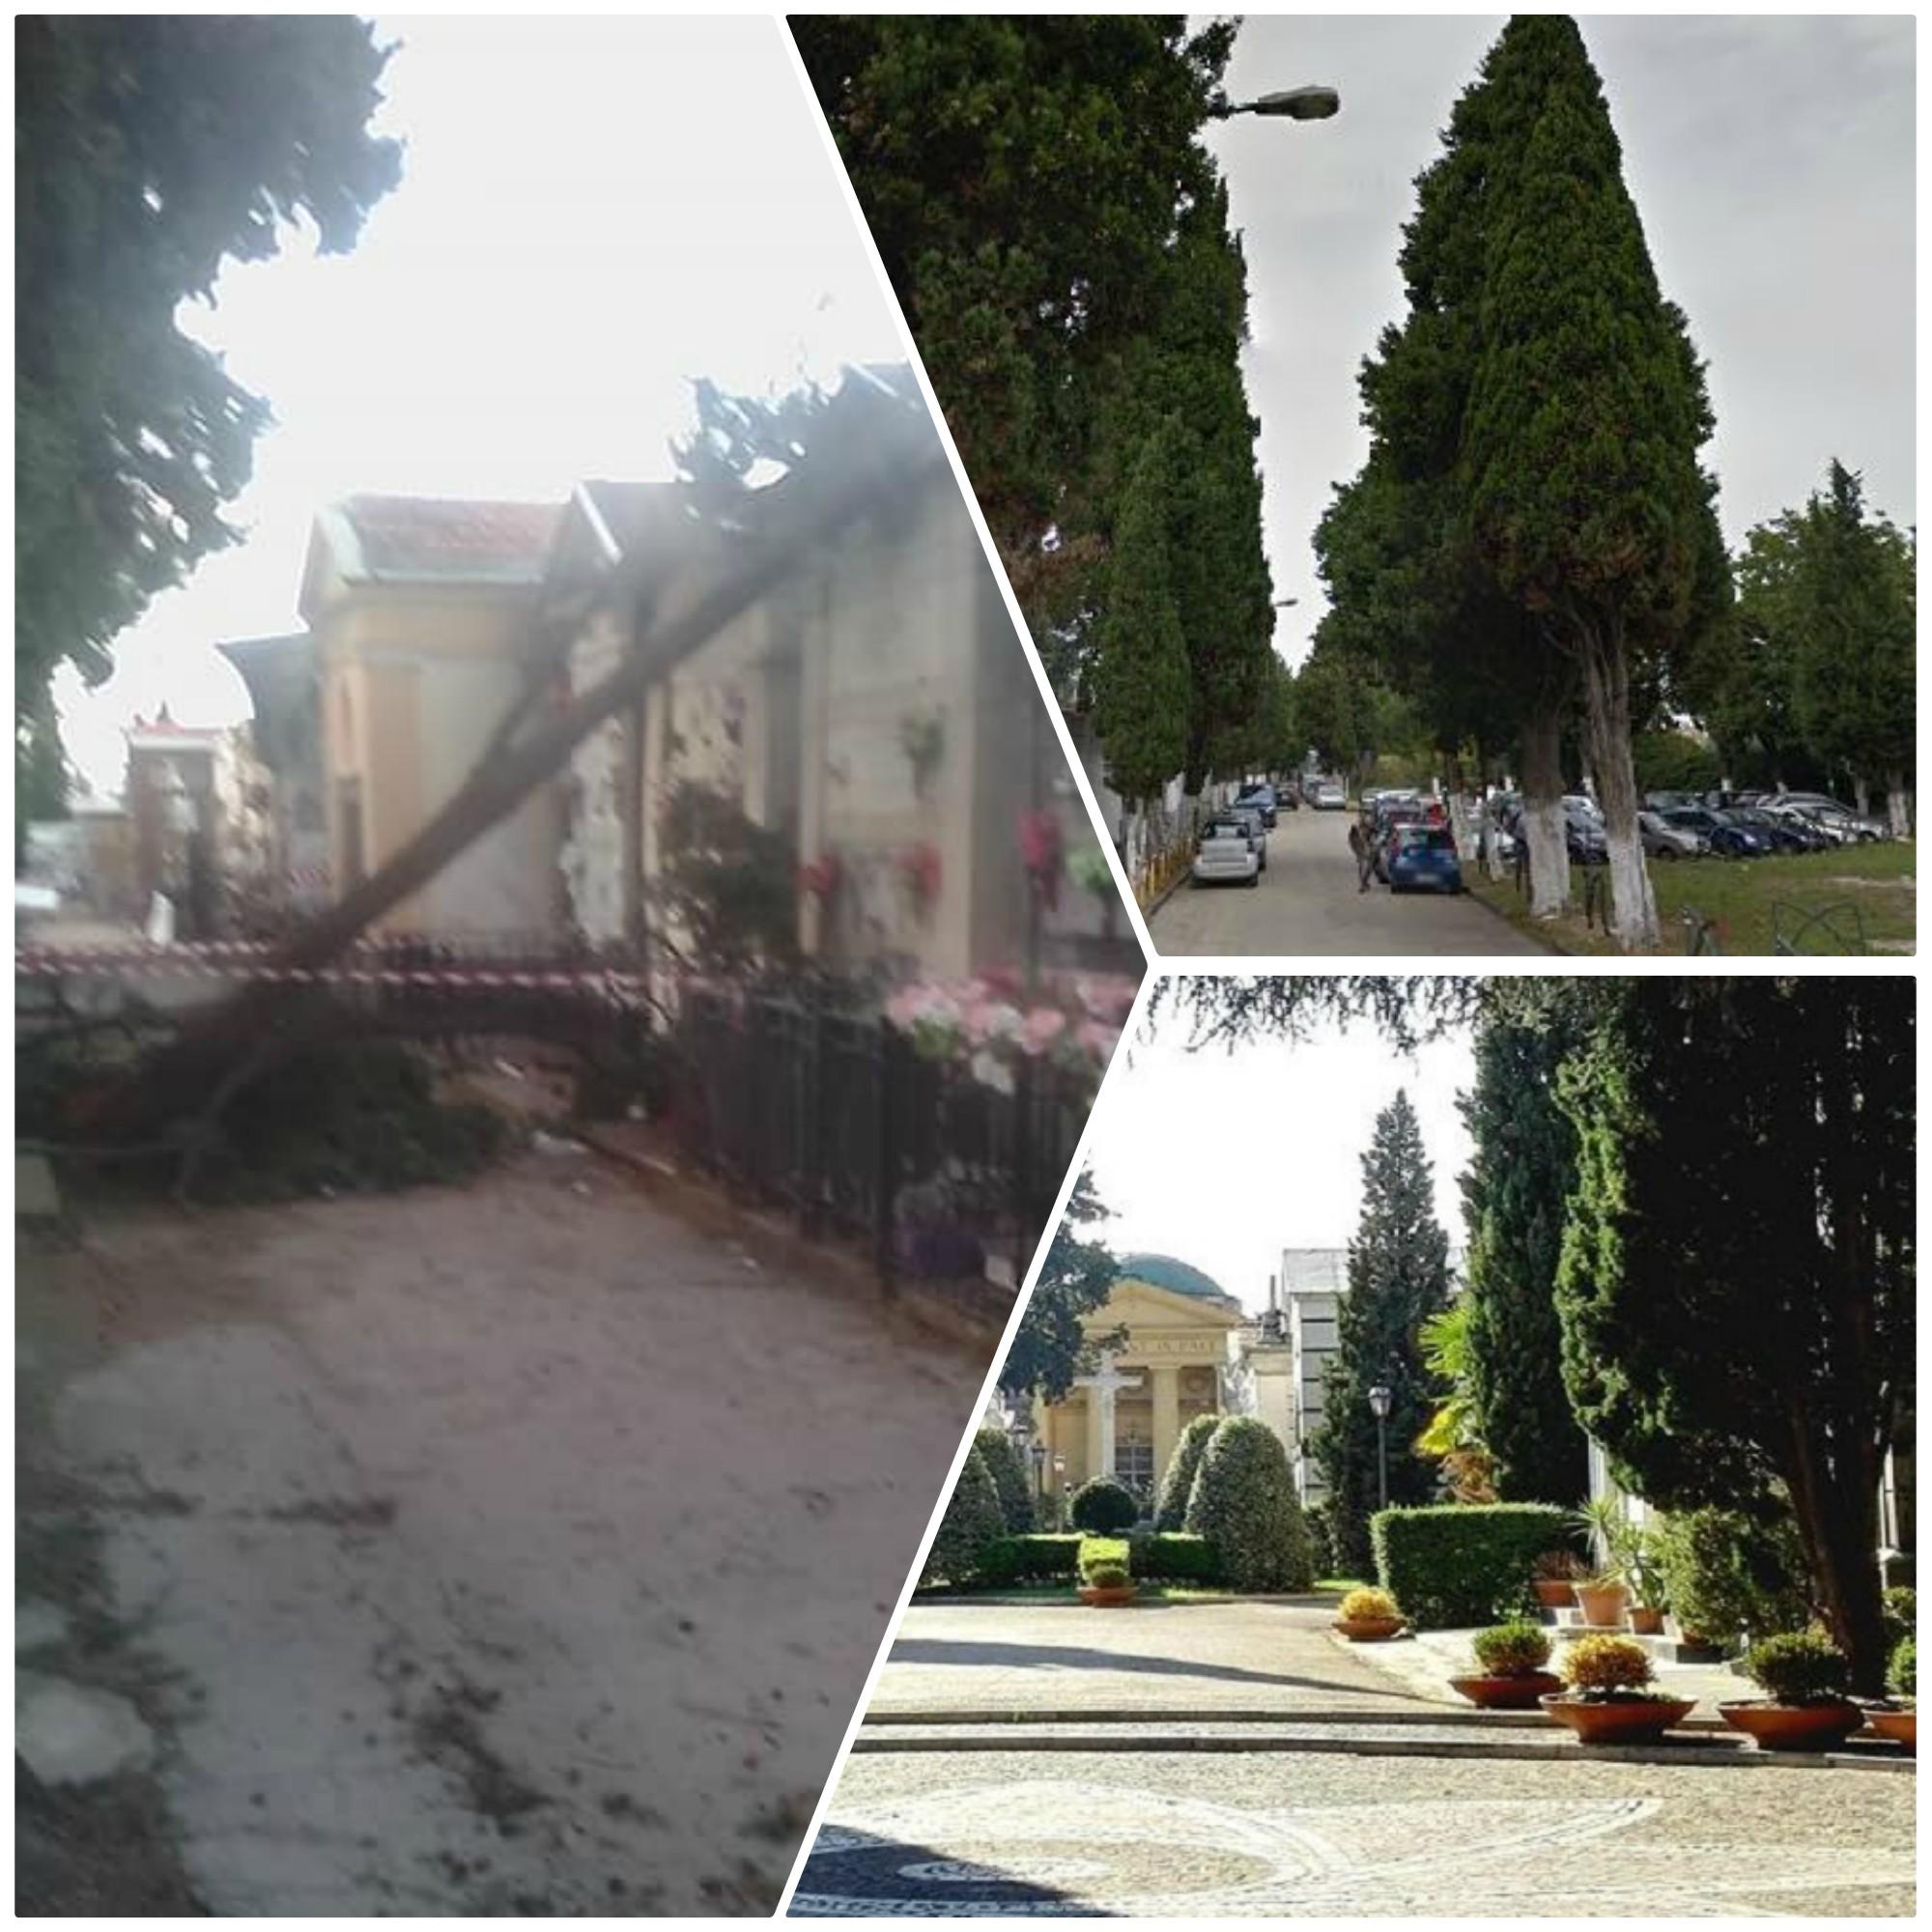 Torna il maltempo in Campania. I cipressi del cimitero di Afragola sono sicuri?